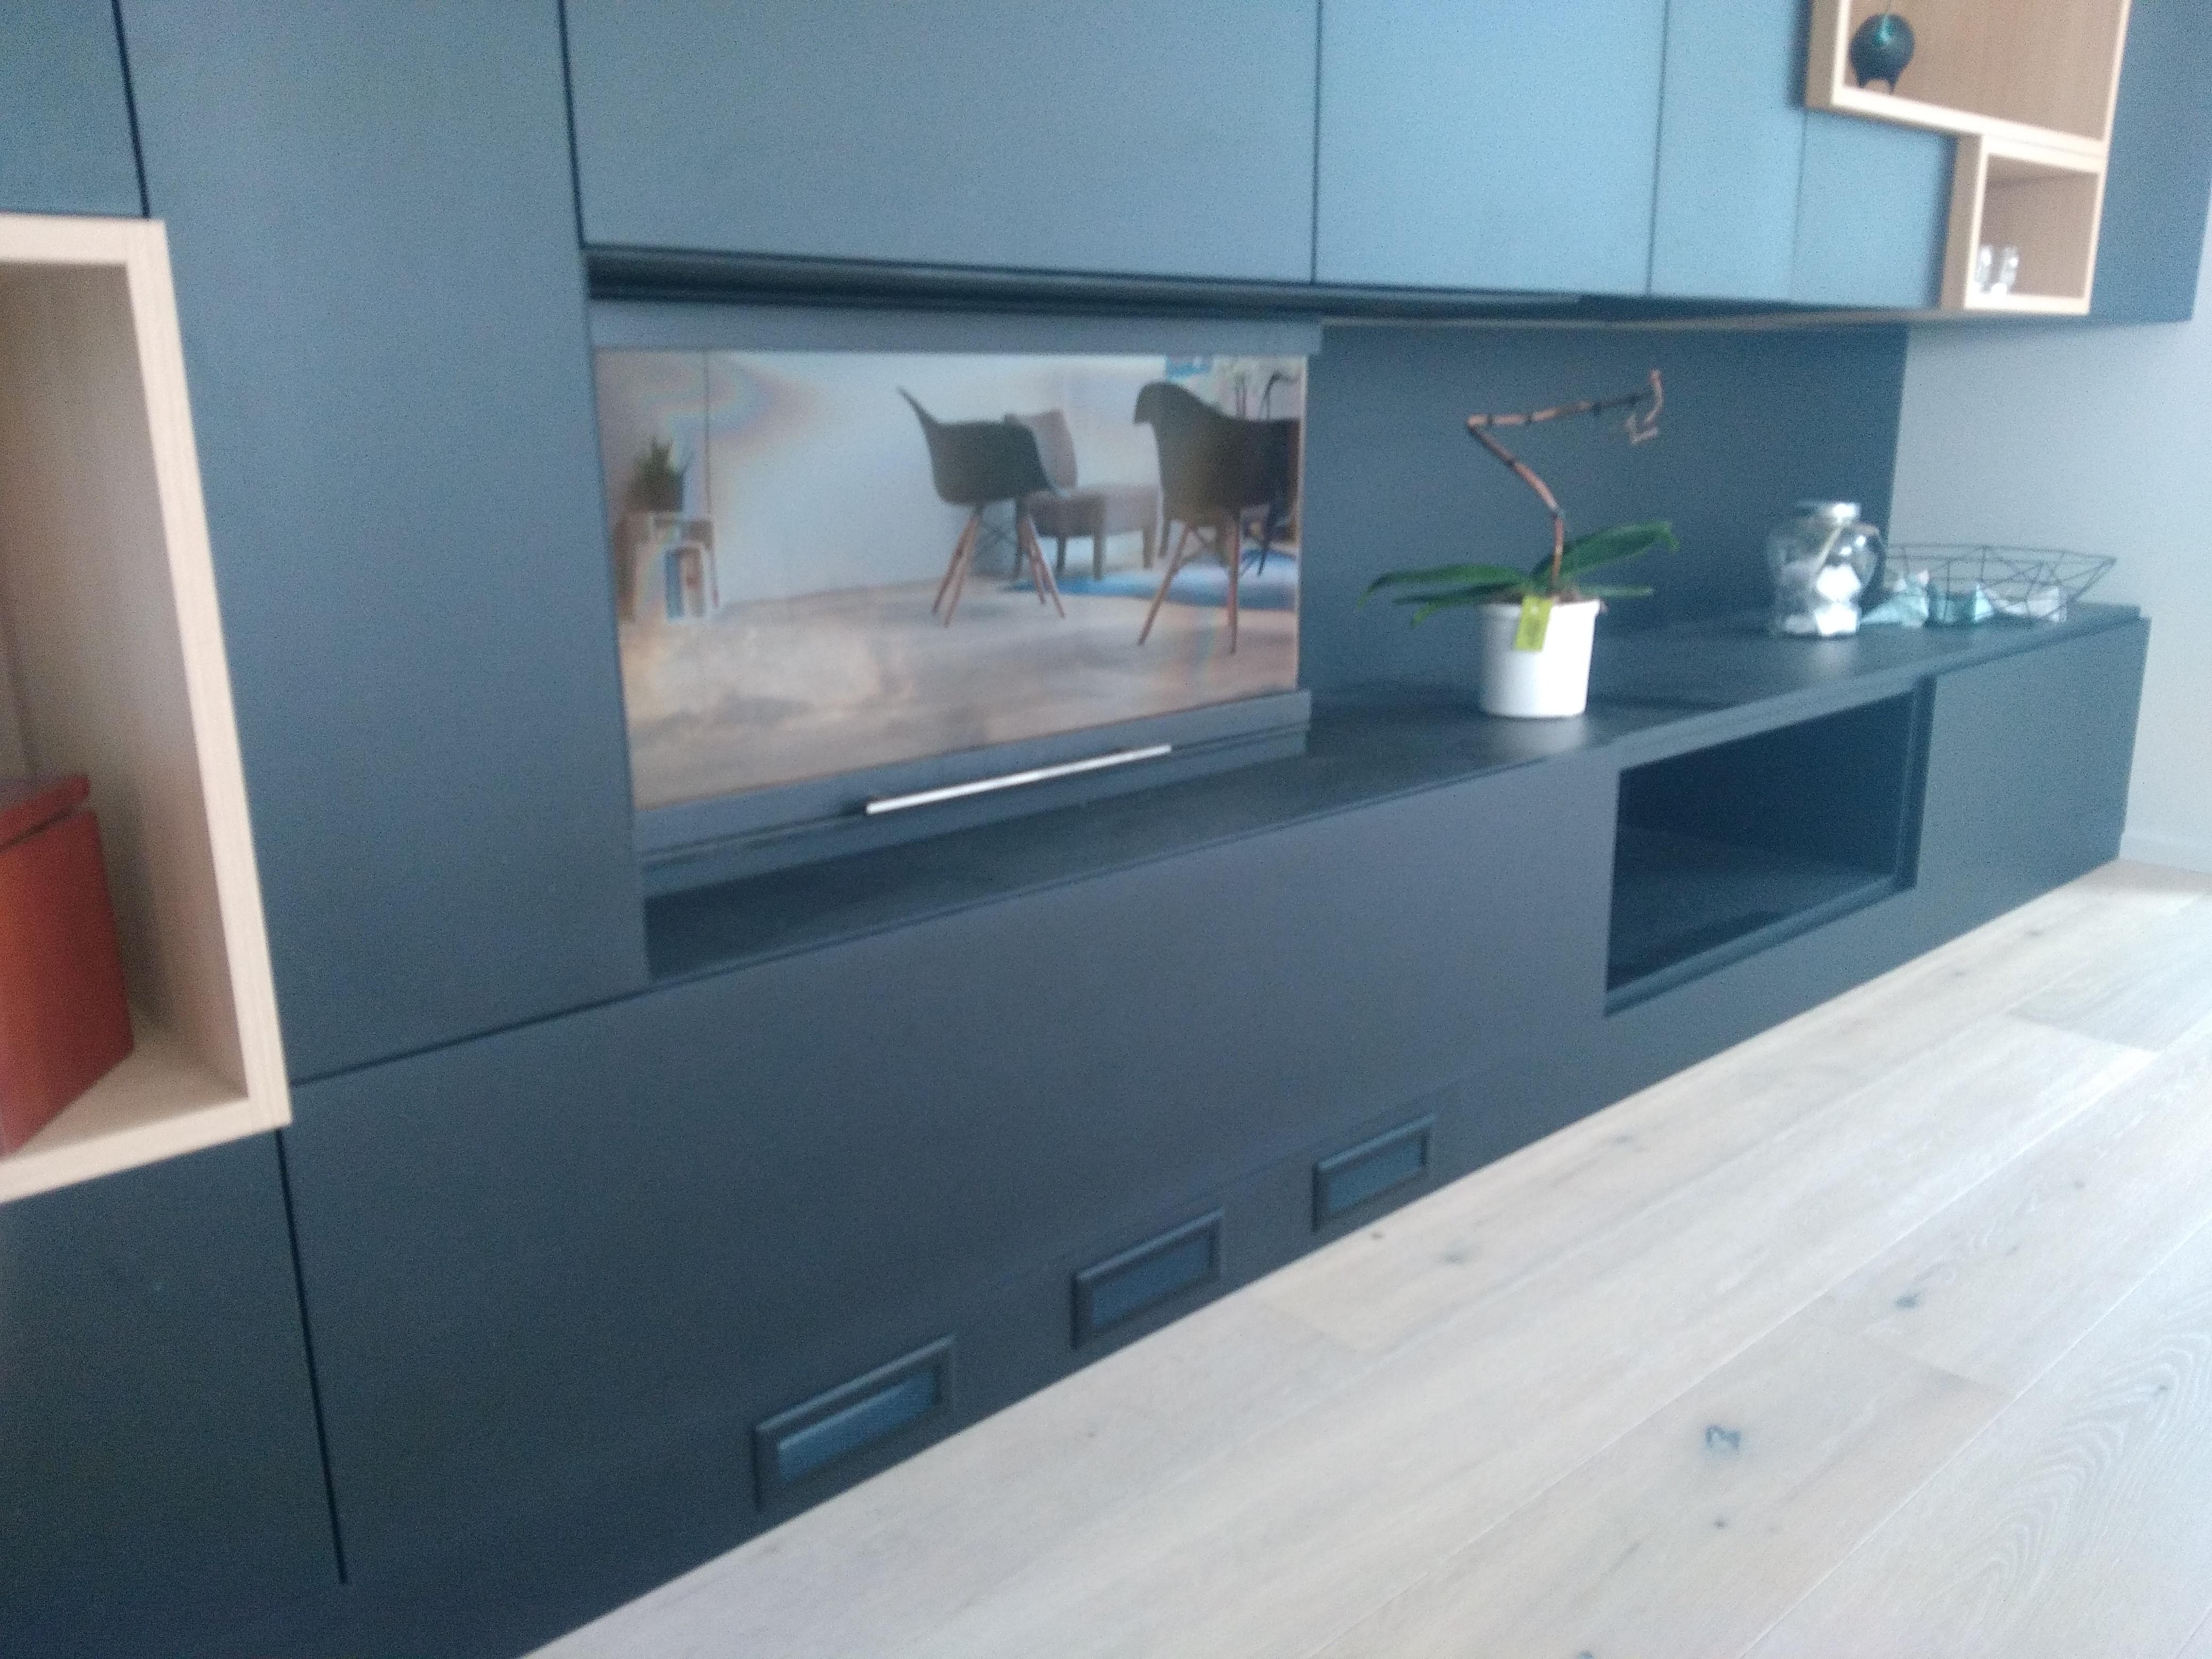 meuble sur mesure autour d 39 un insert r alis en valchromat noir. Black Bedroom Furniture Sets. Home Design Ideas